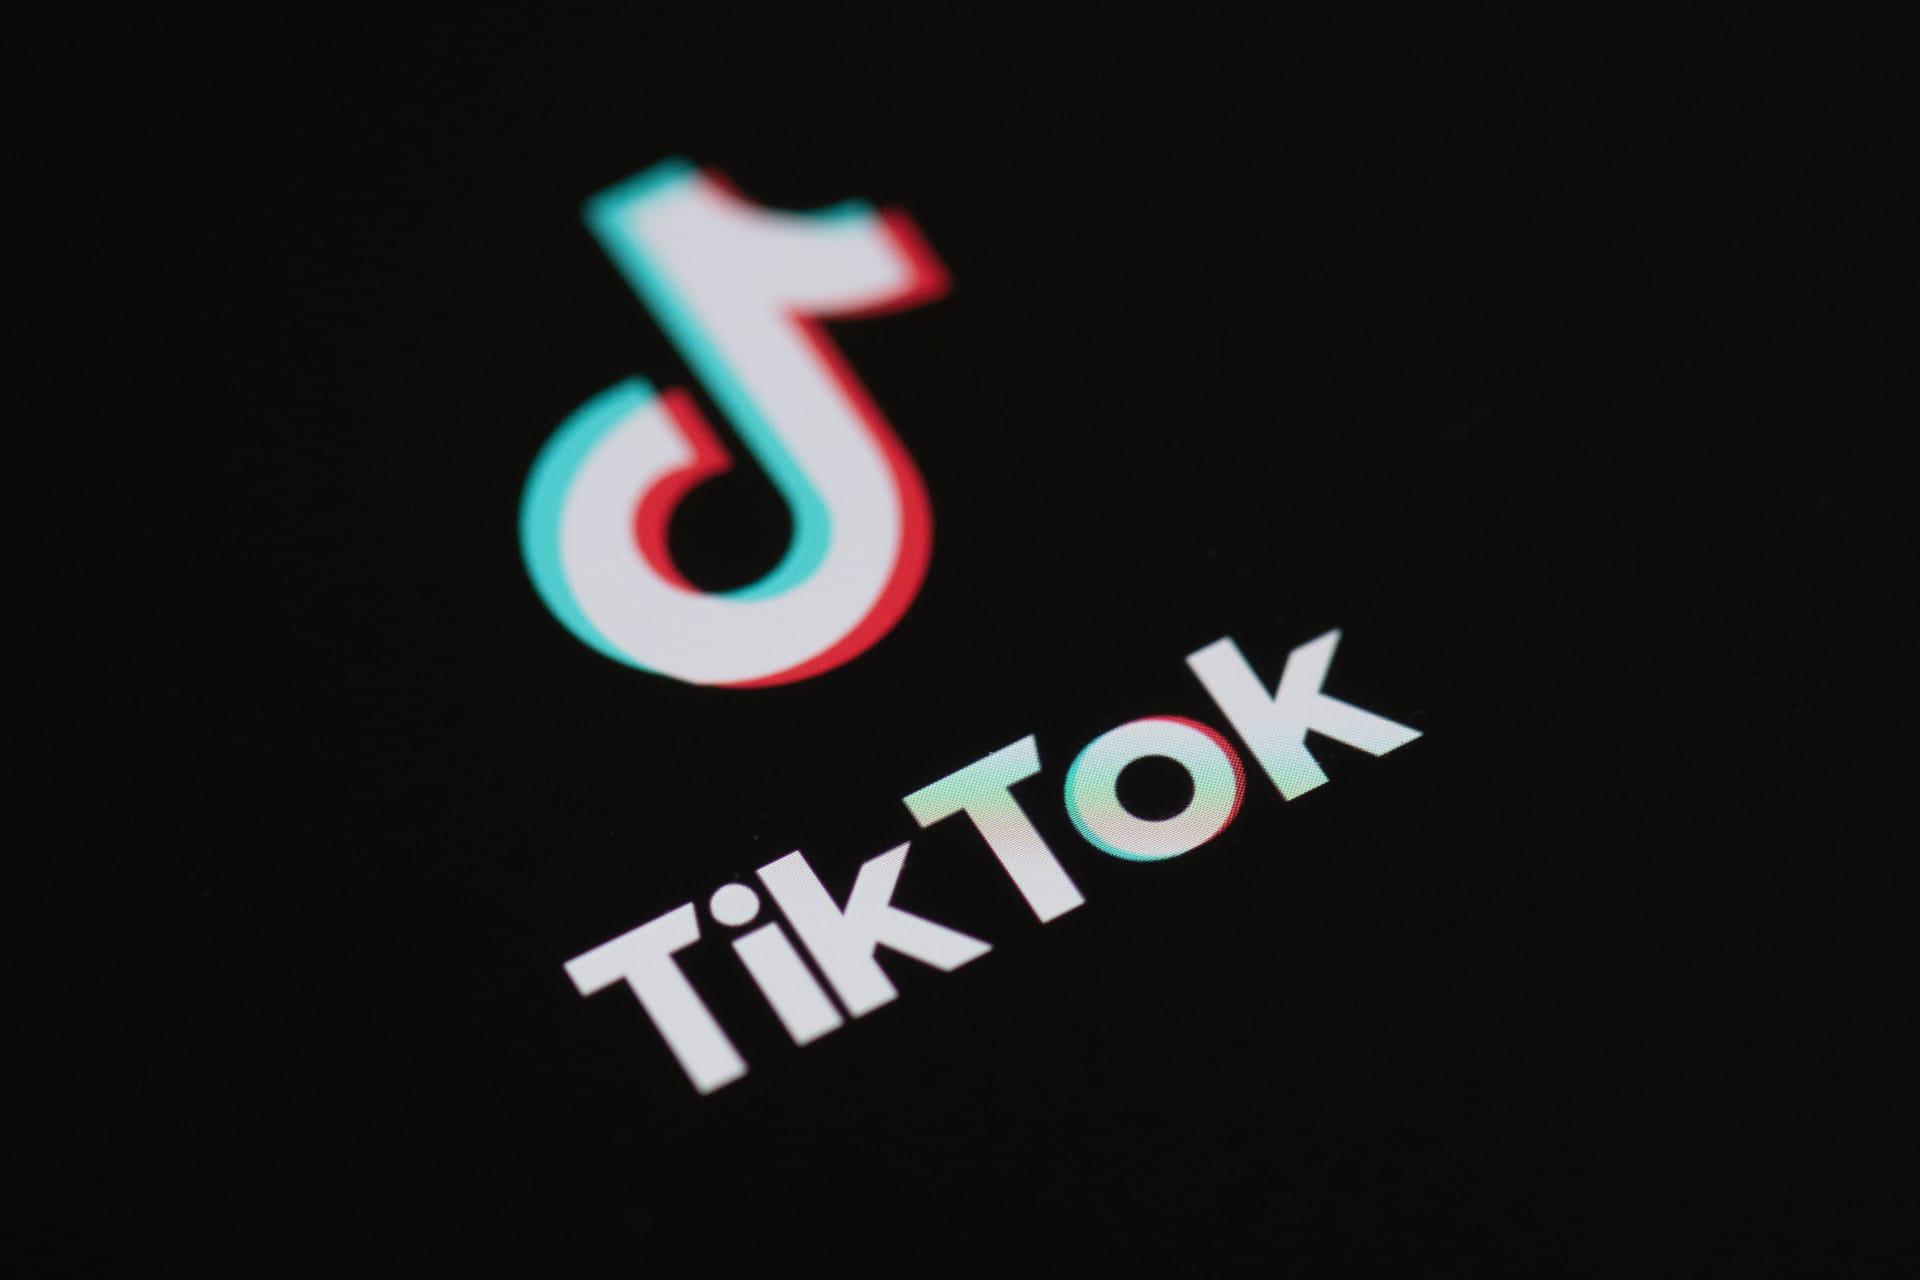 """تعطل تطبيق """"تيك توك"""" أكثر من ساعة فى جميع الولايات المتحدة بسبب انقطاع تقني"""